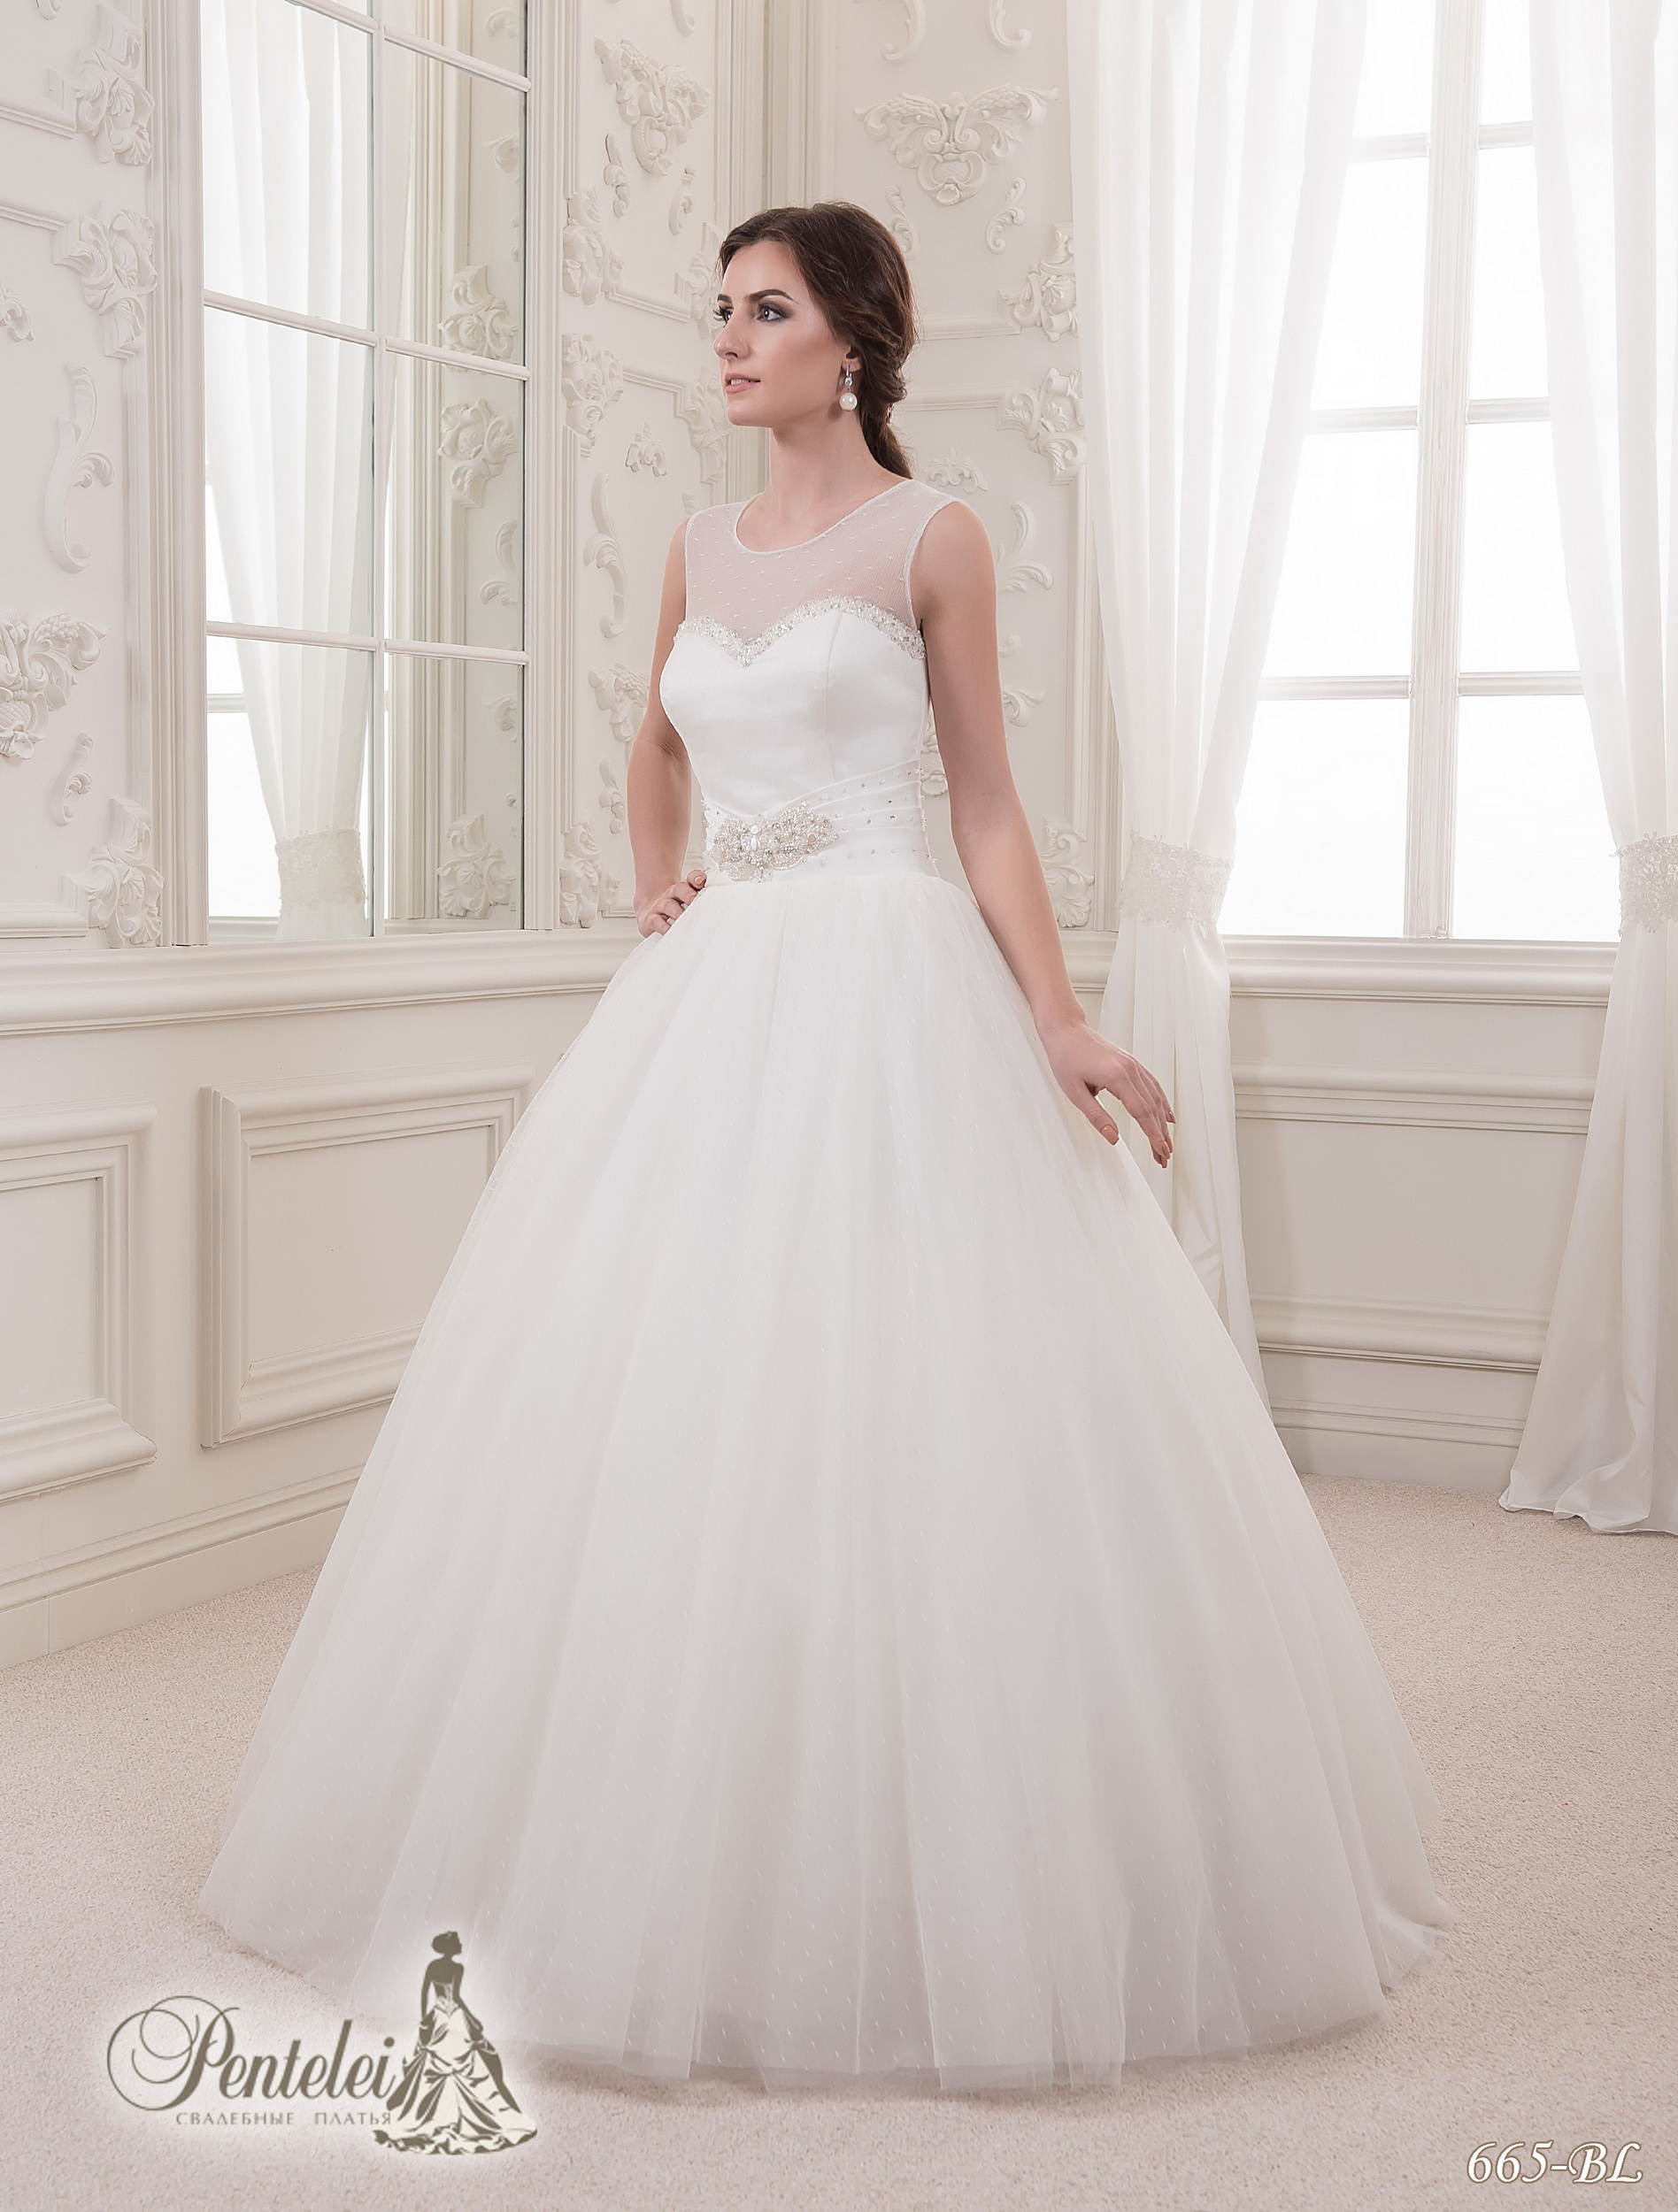 665-BL | Cumpăra rochii de mireasă en-gros de Pentelei